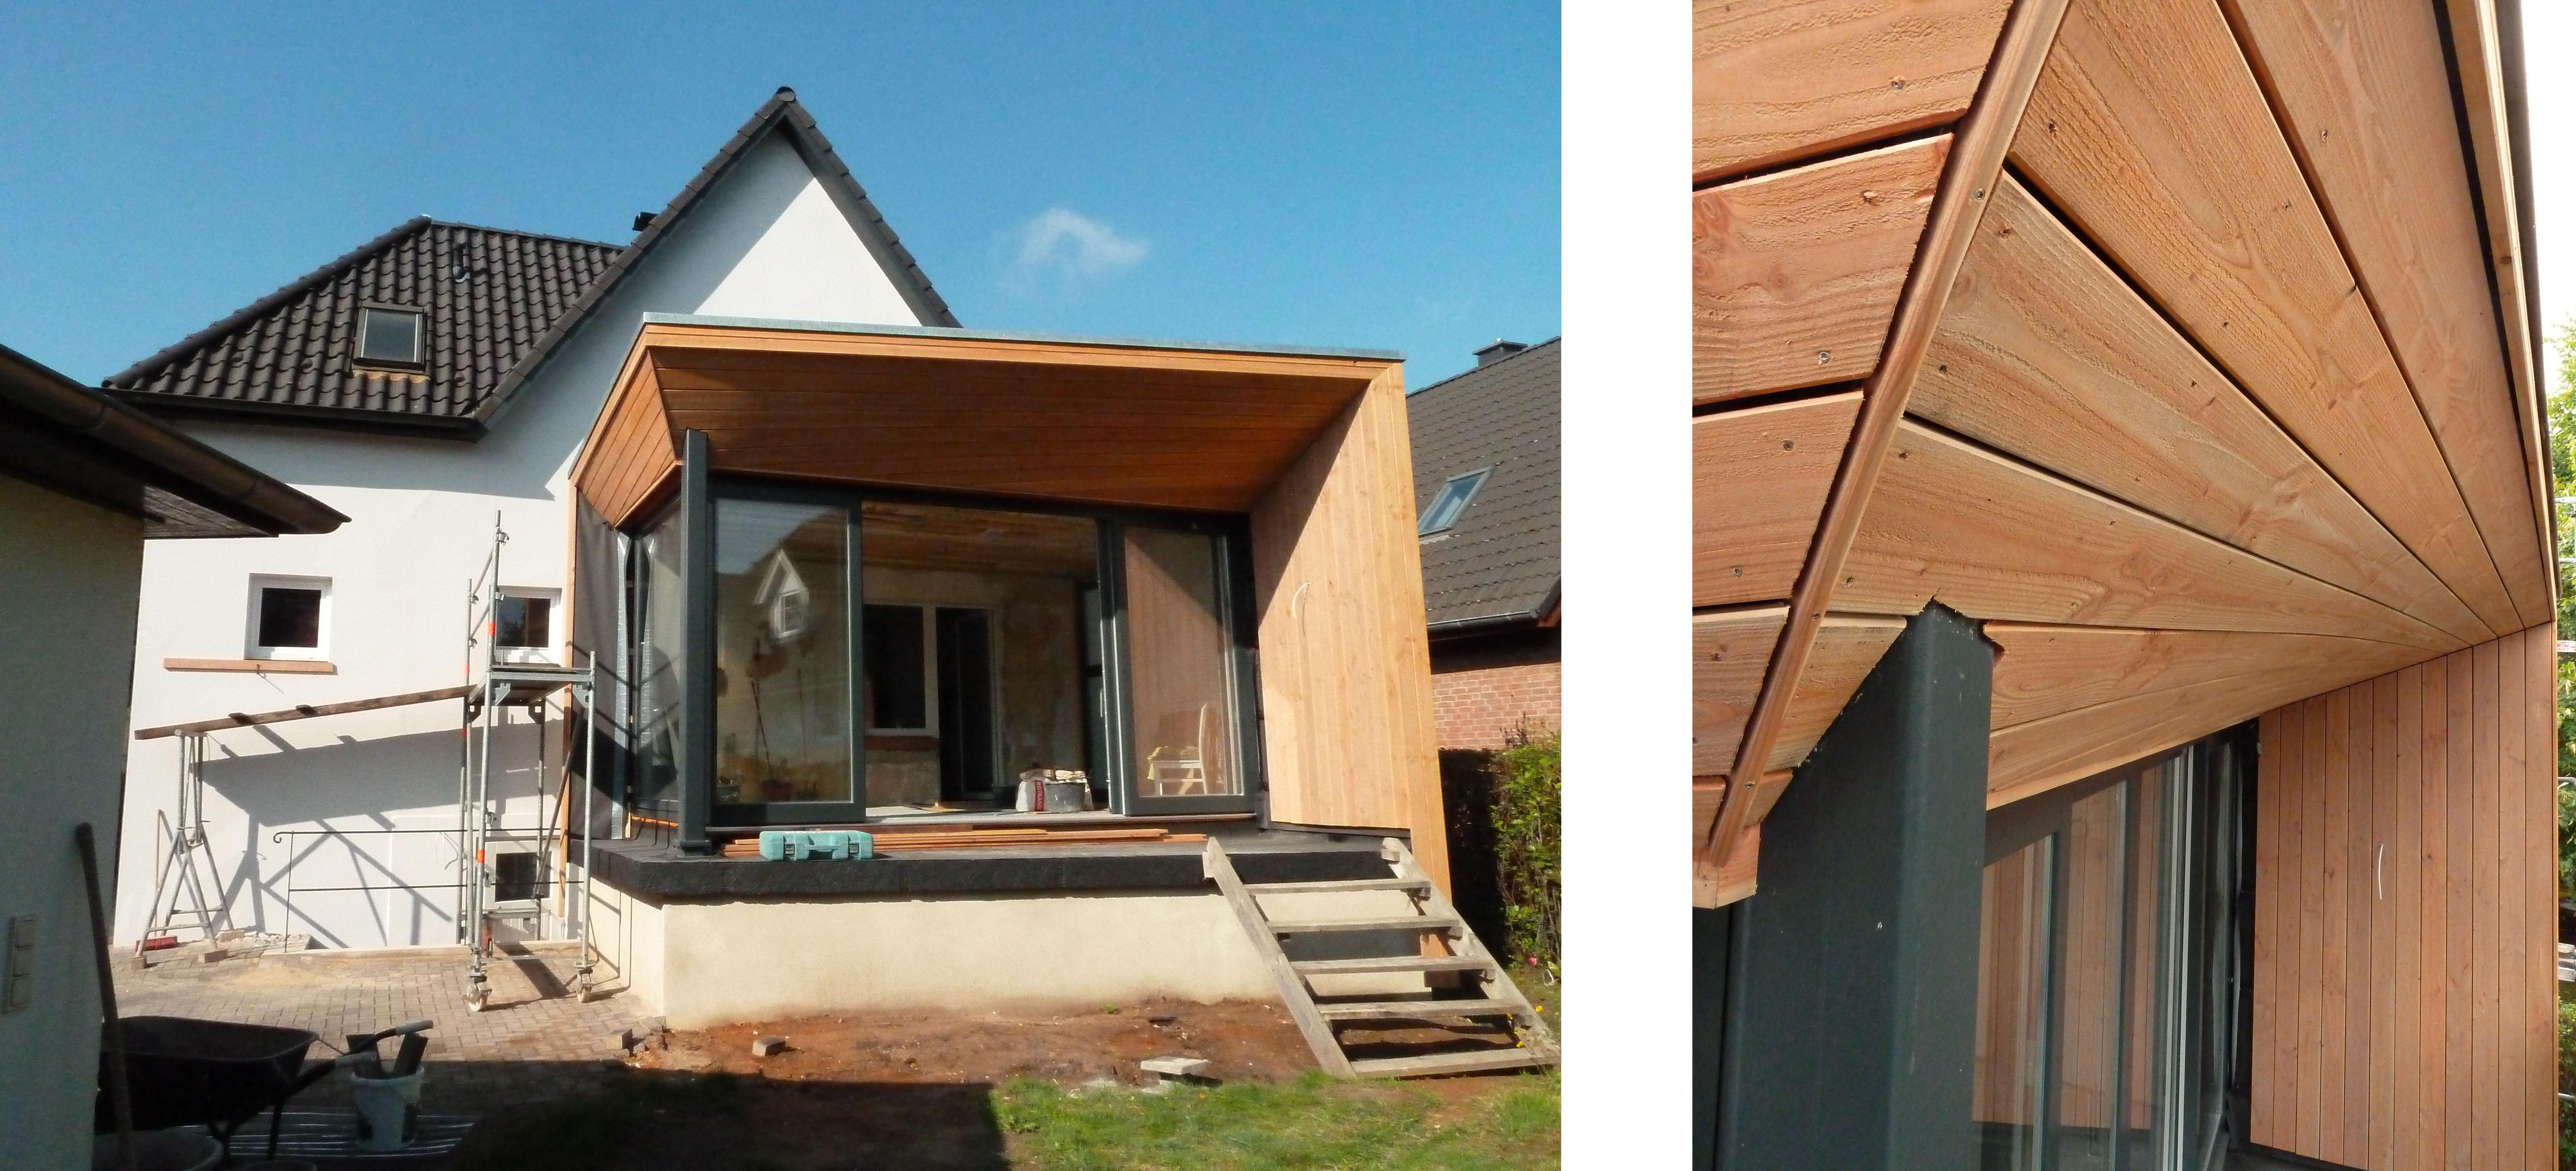 tom finke architektur stadtplanung dokumentation. Black Bedroom Furniture Sets. Home Design Ideas